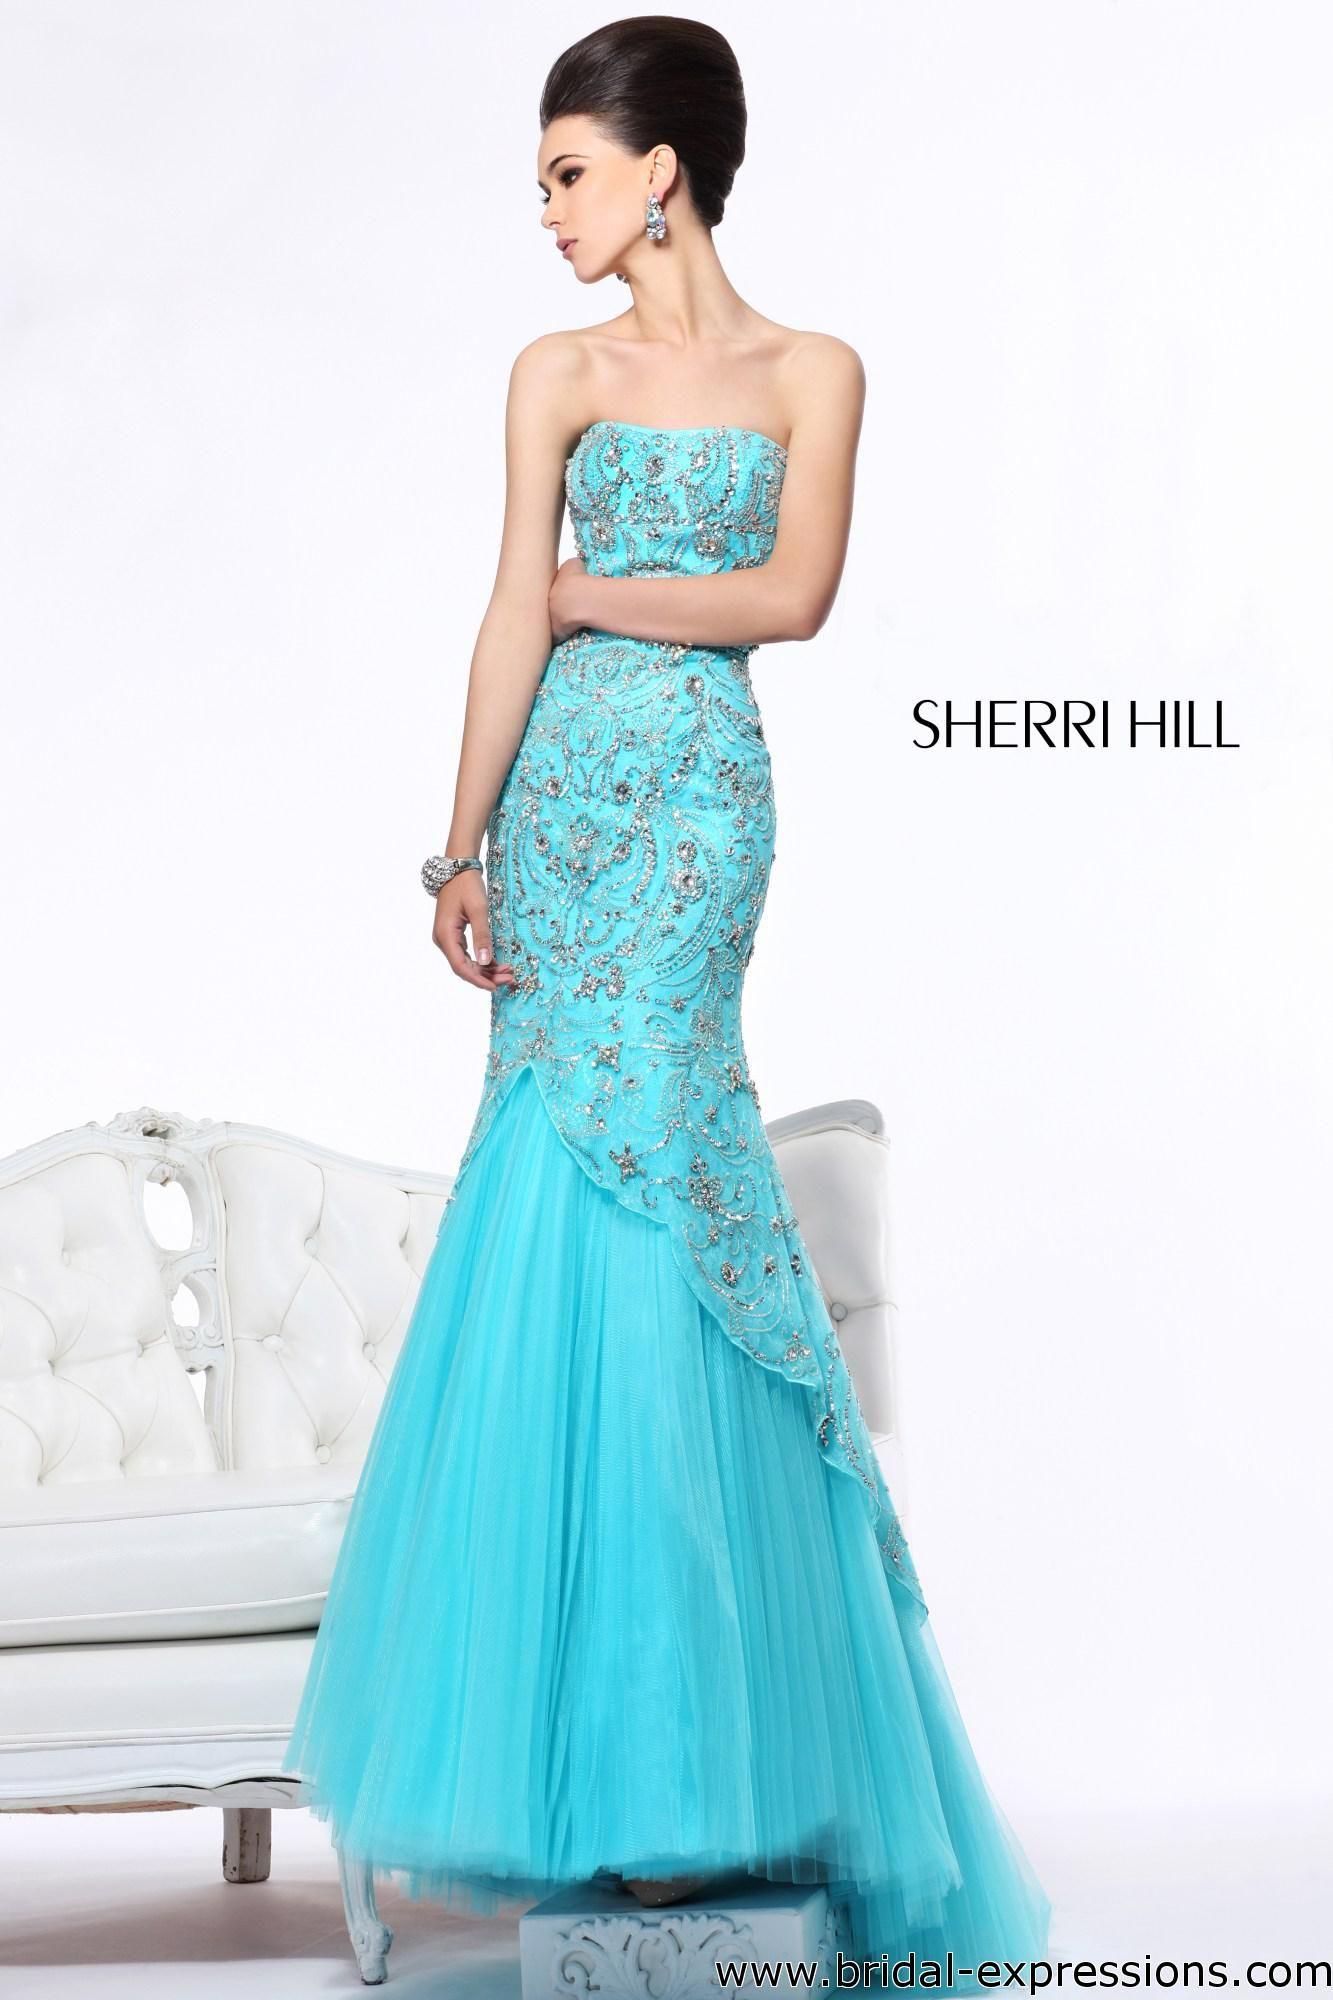 sherri hill mermaid dresses | sherri hill 21042 beaded mermaid prom ...